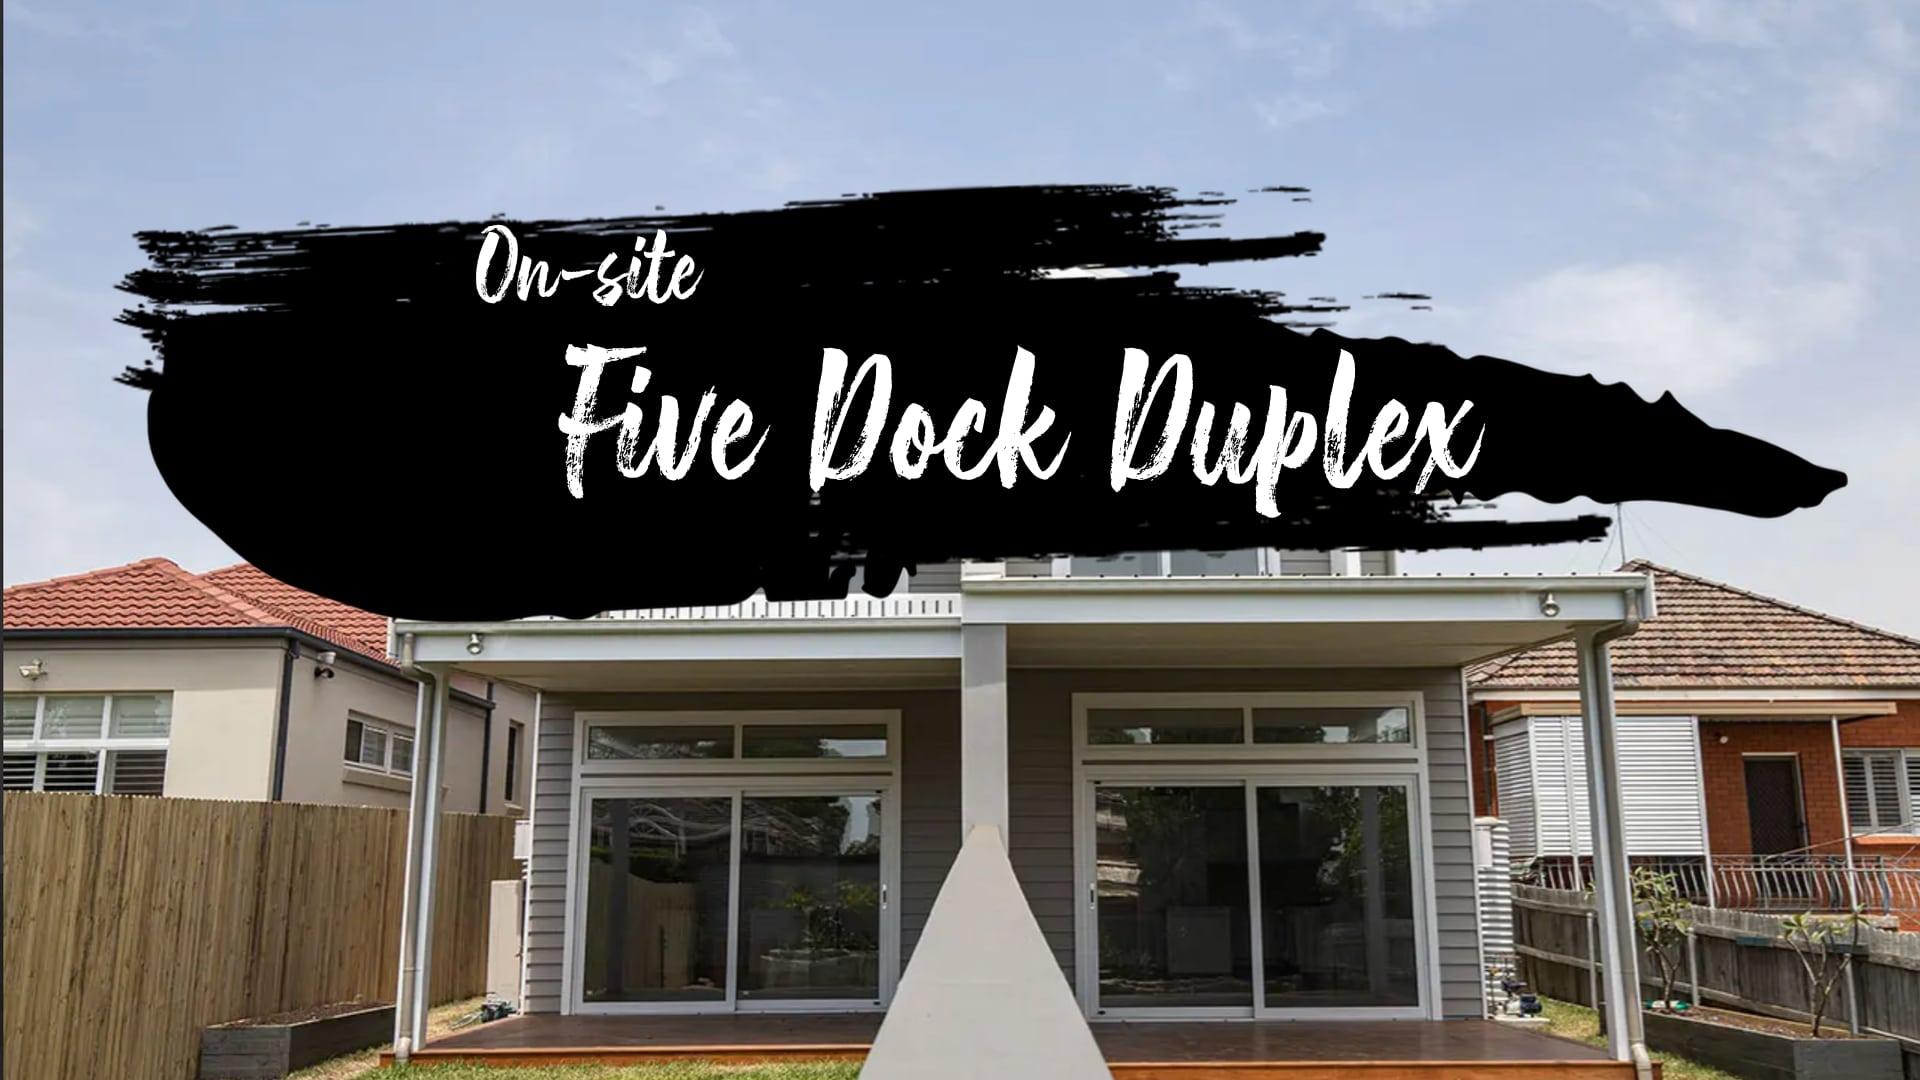 Five dock duplex